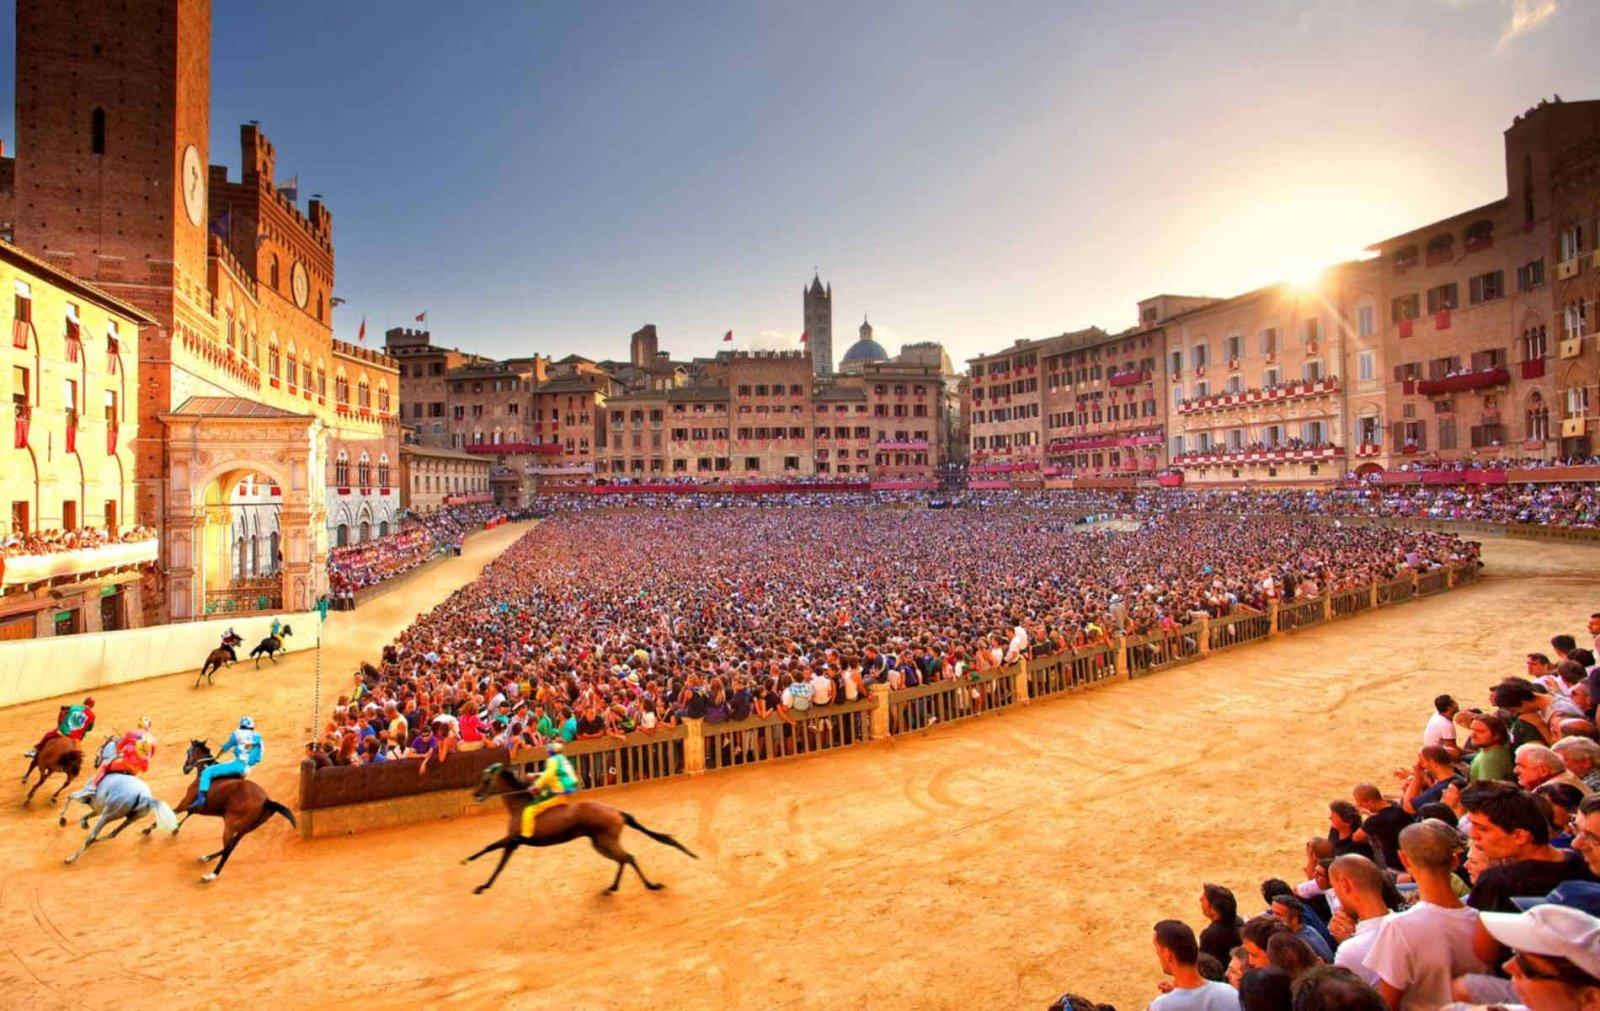 обклеиваем палубу фото средневековой площади в италии воблеры